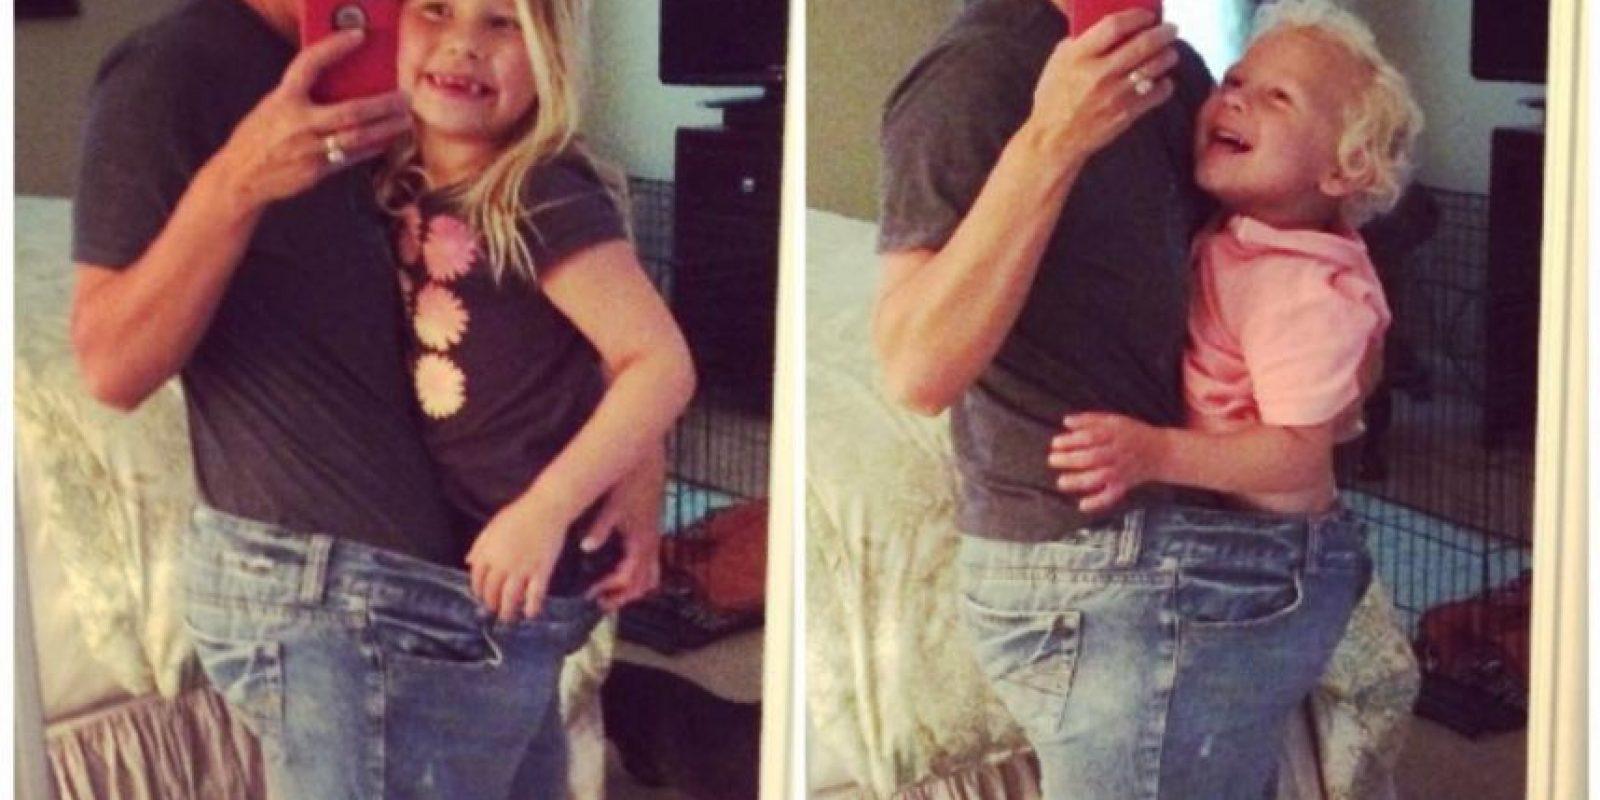 Nunca tuvo citas. La rechazaron por su peso. Creyó que no se casaría. Foto:vía Facebook/Kristin Weight Lost Journey